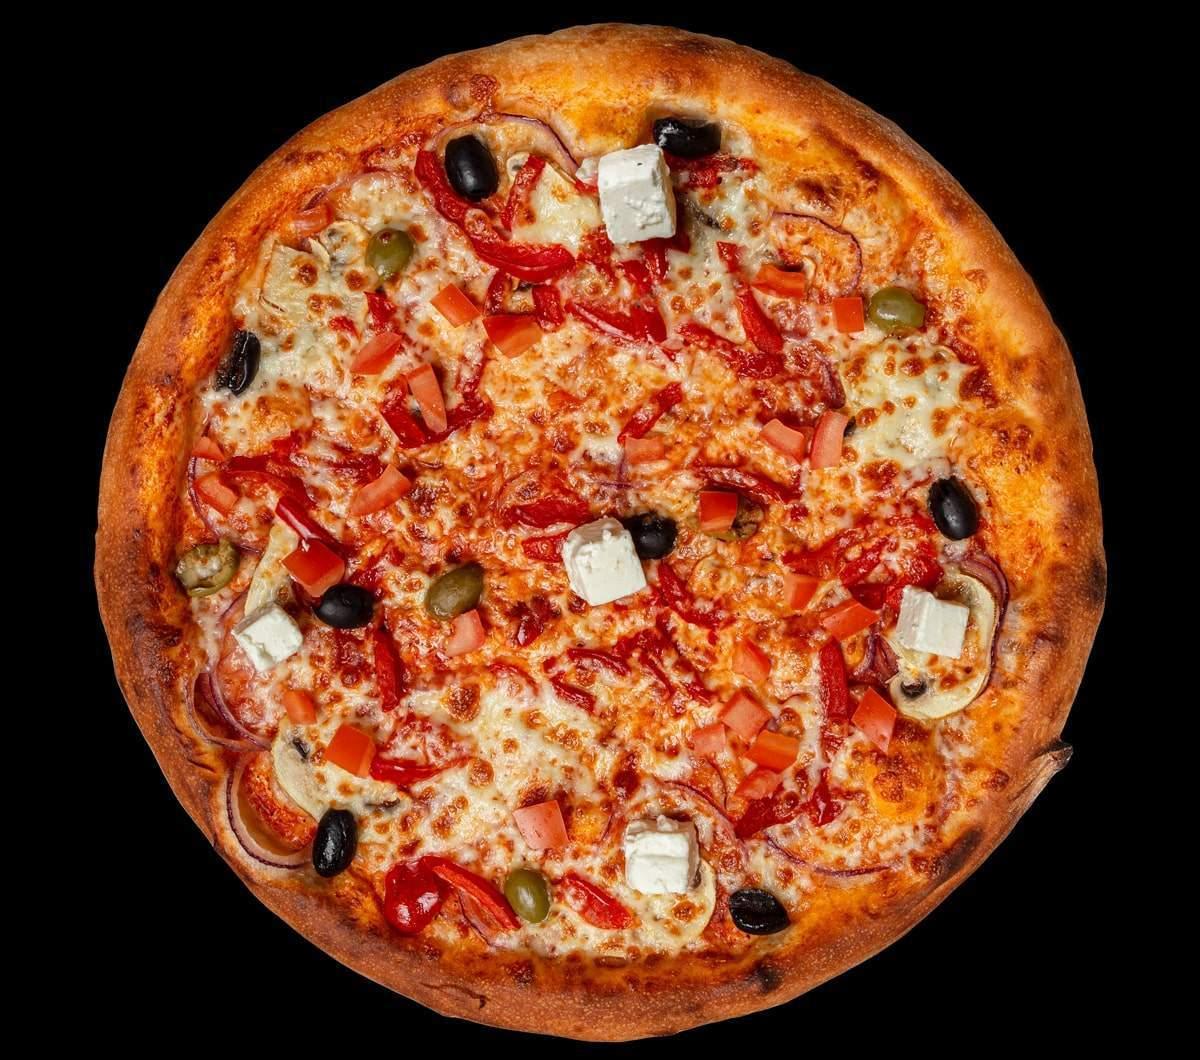 заказать: Пицца - Вегетарианская